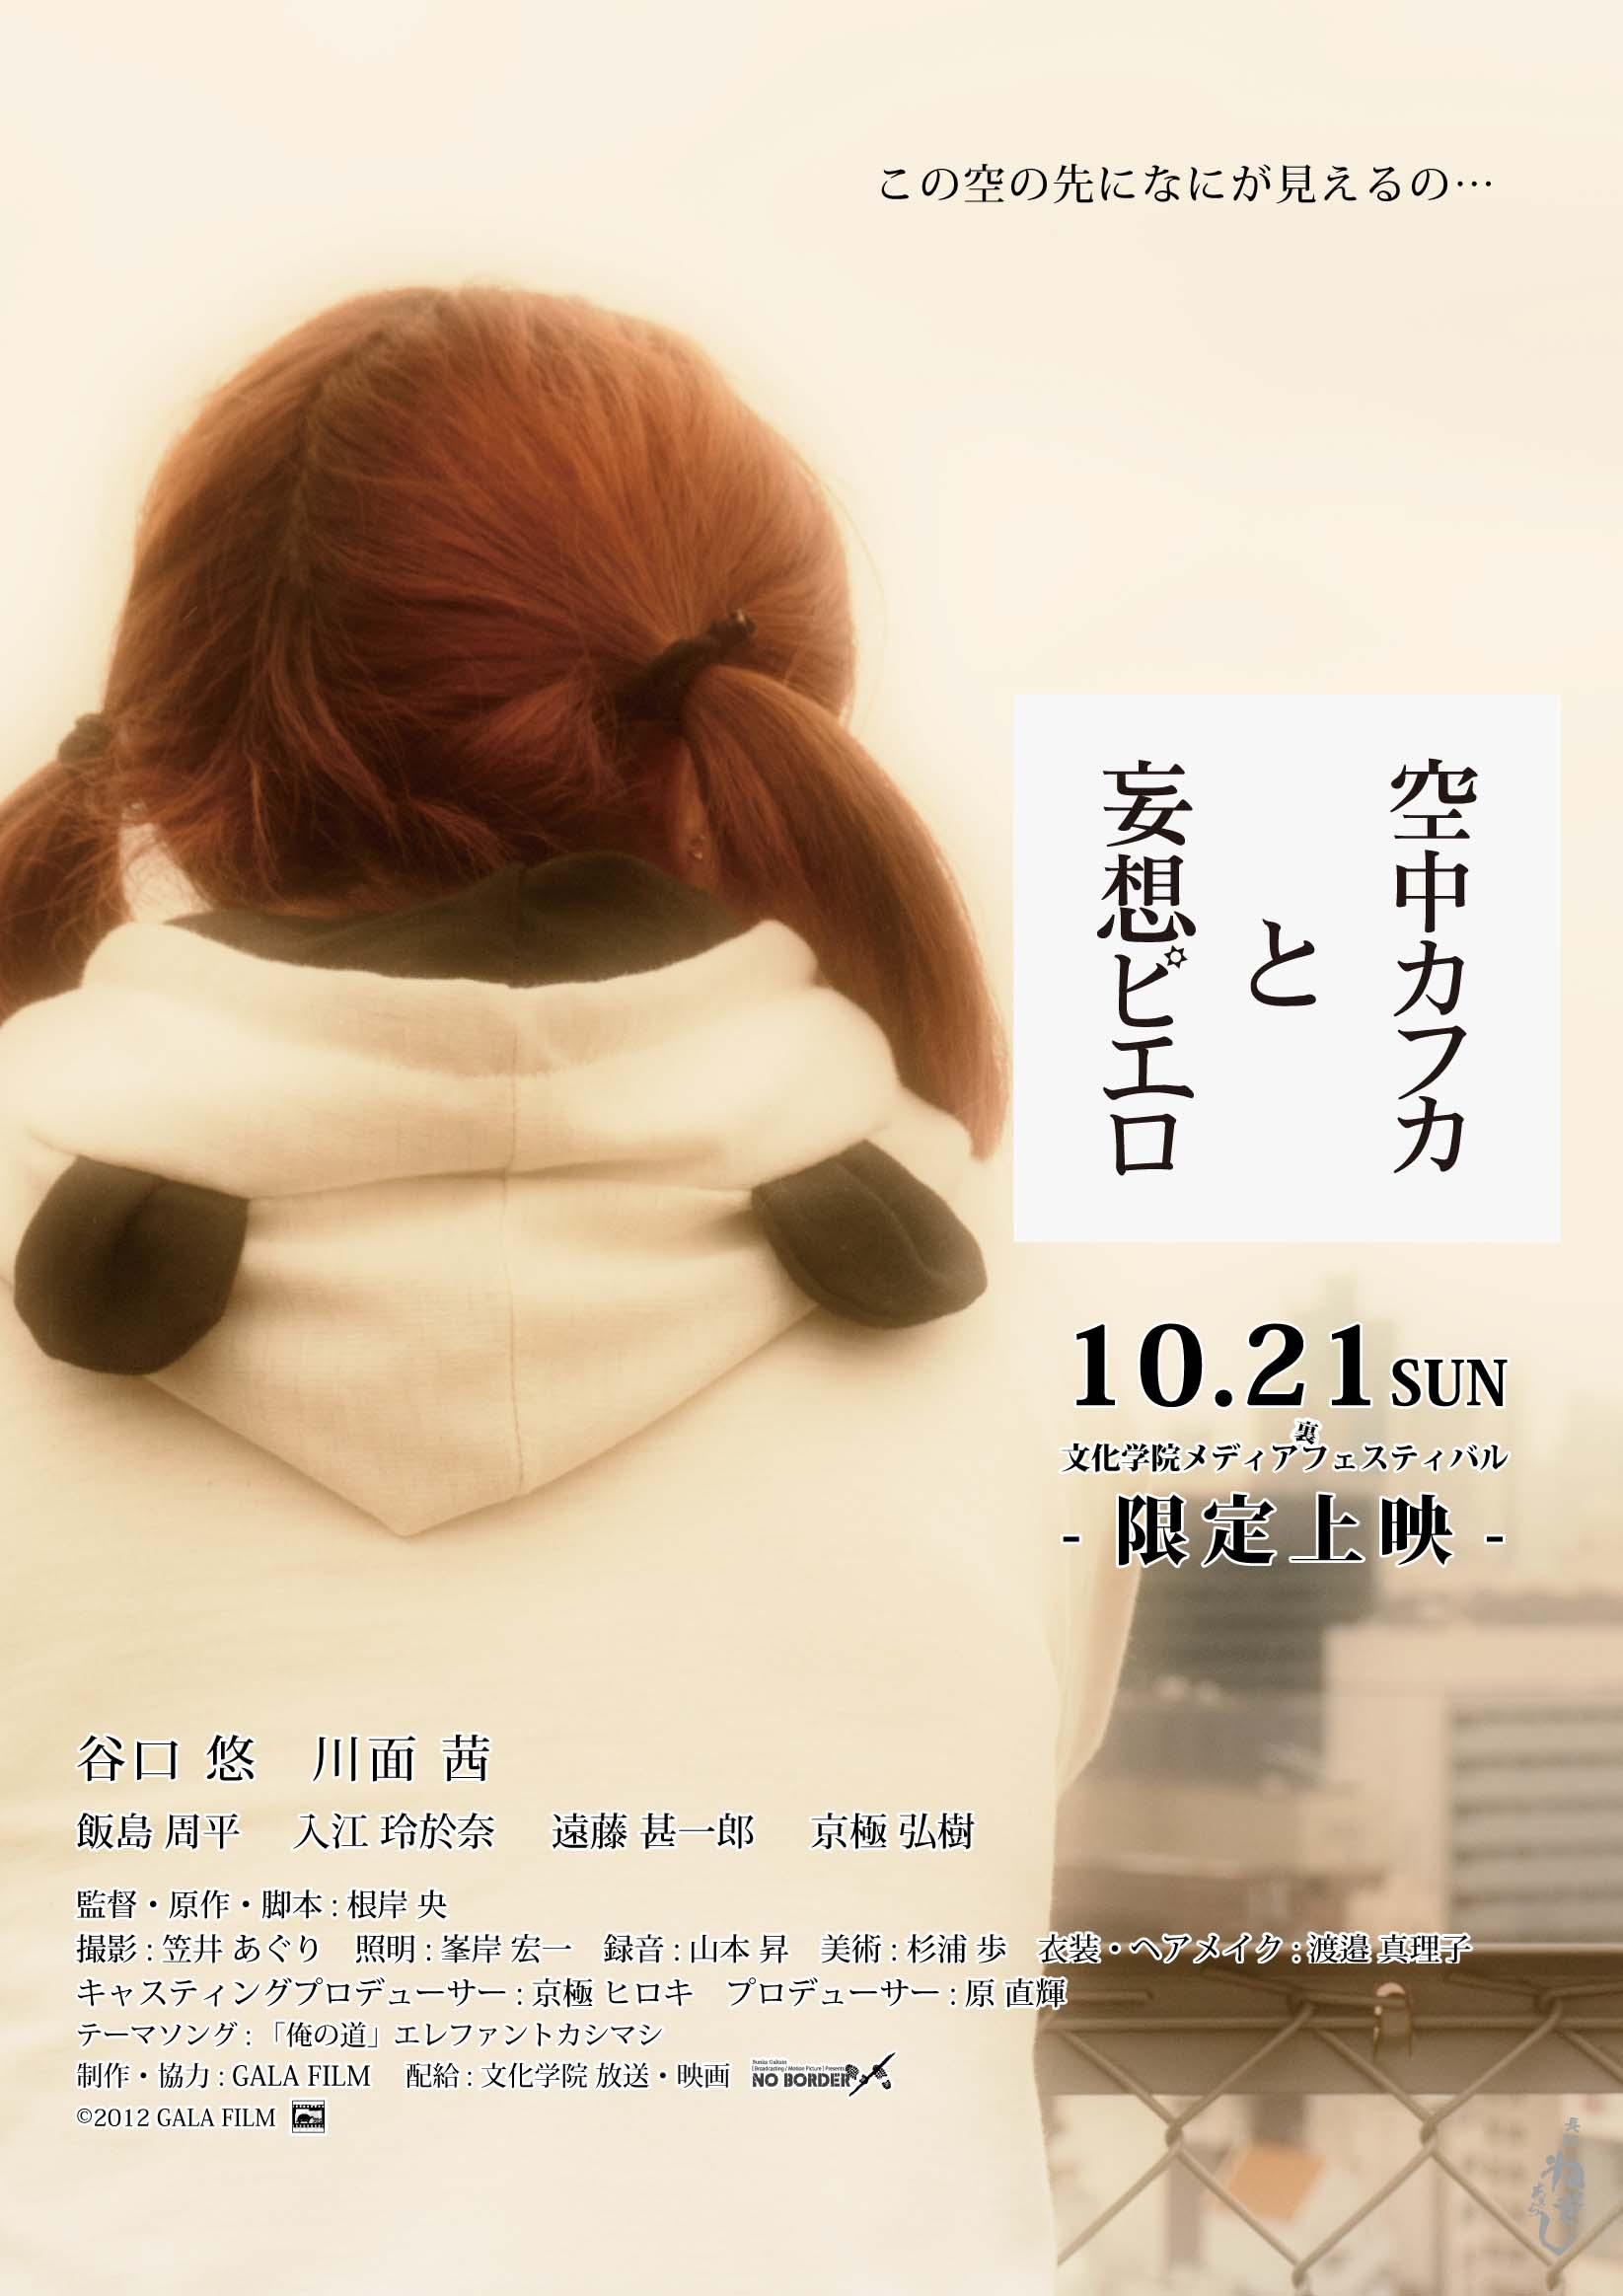 空中カフカと妄想ピエロ 21日上映